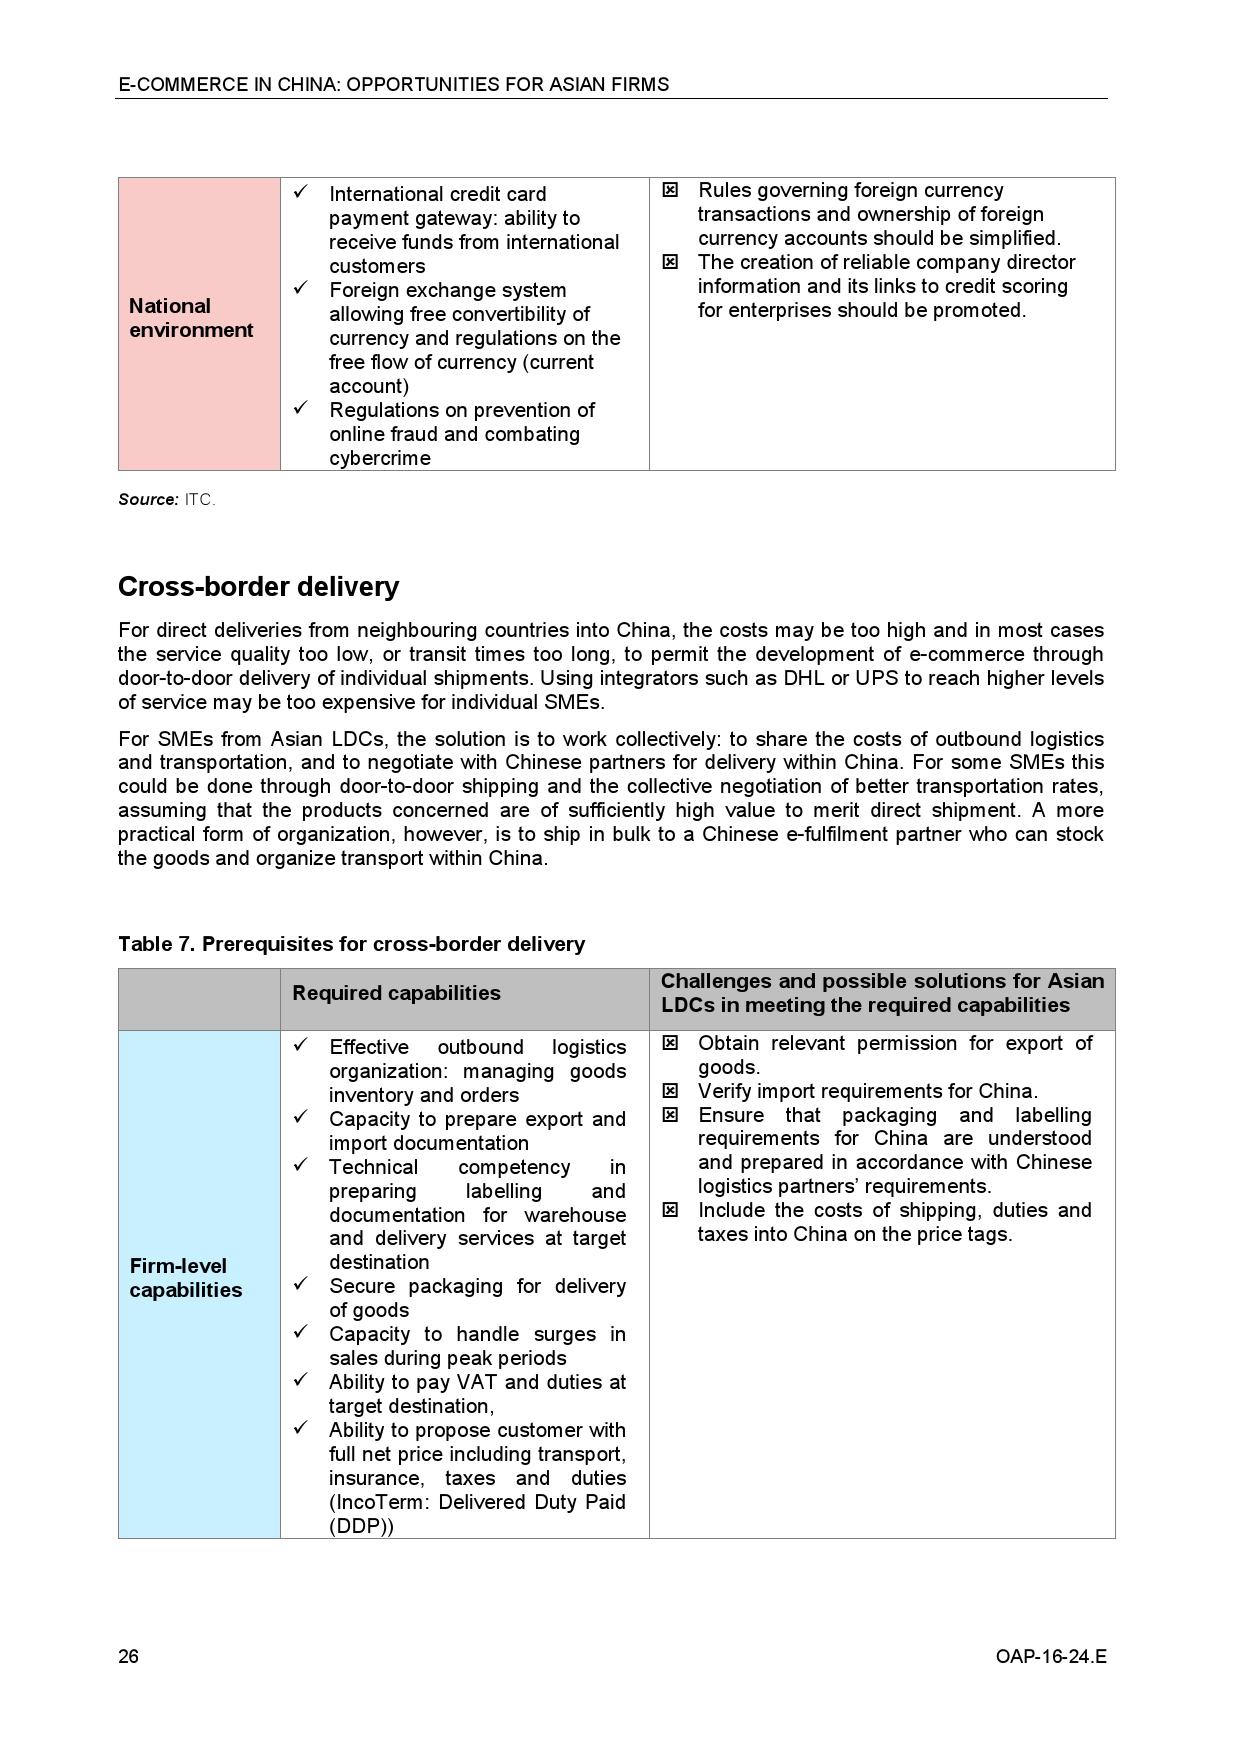 中国电子商务:对亚洲企业的机遇_000038